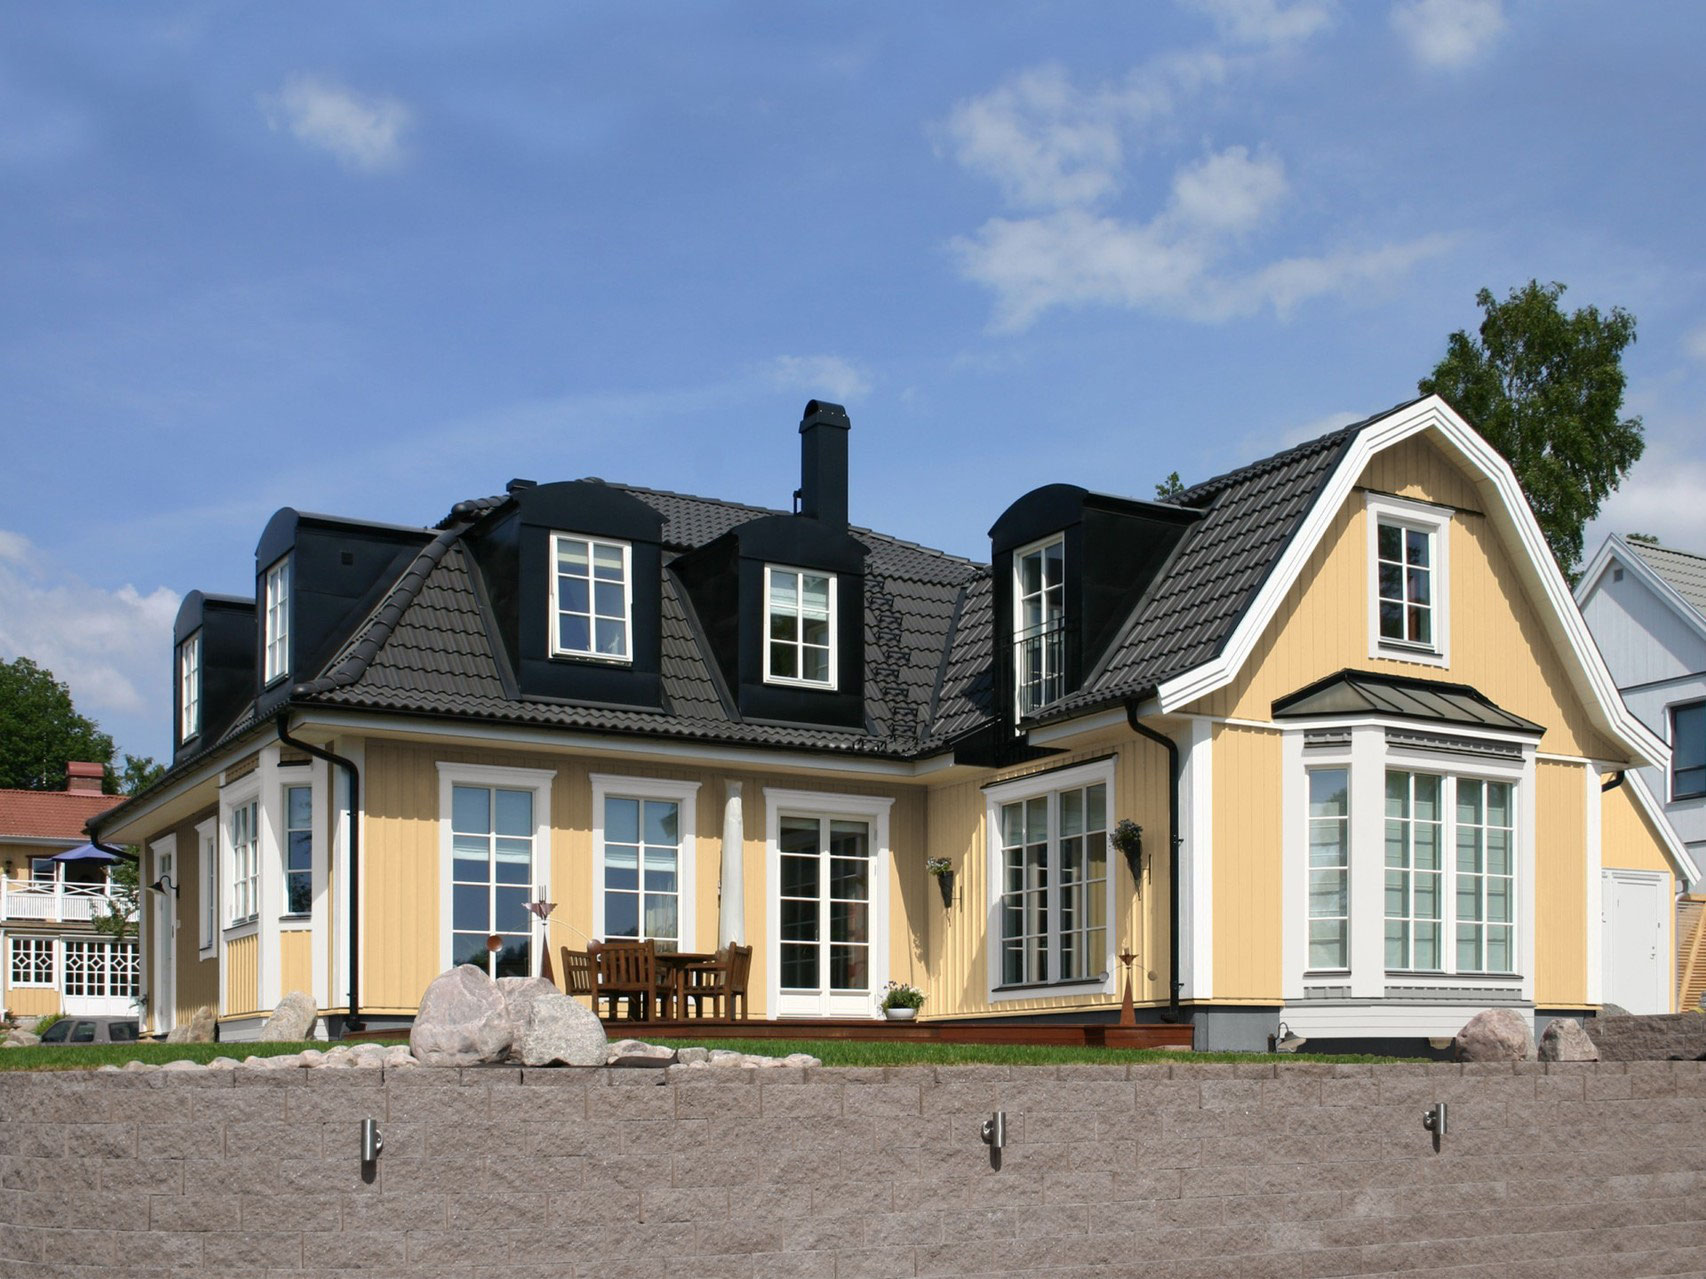 fassadenanstrich fassadenarbeiten au enputz fassadengestaltung sanierungsputz fassadend mmung. Black Bedroom Furniture Sets. Home Design Ideas